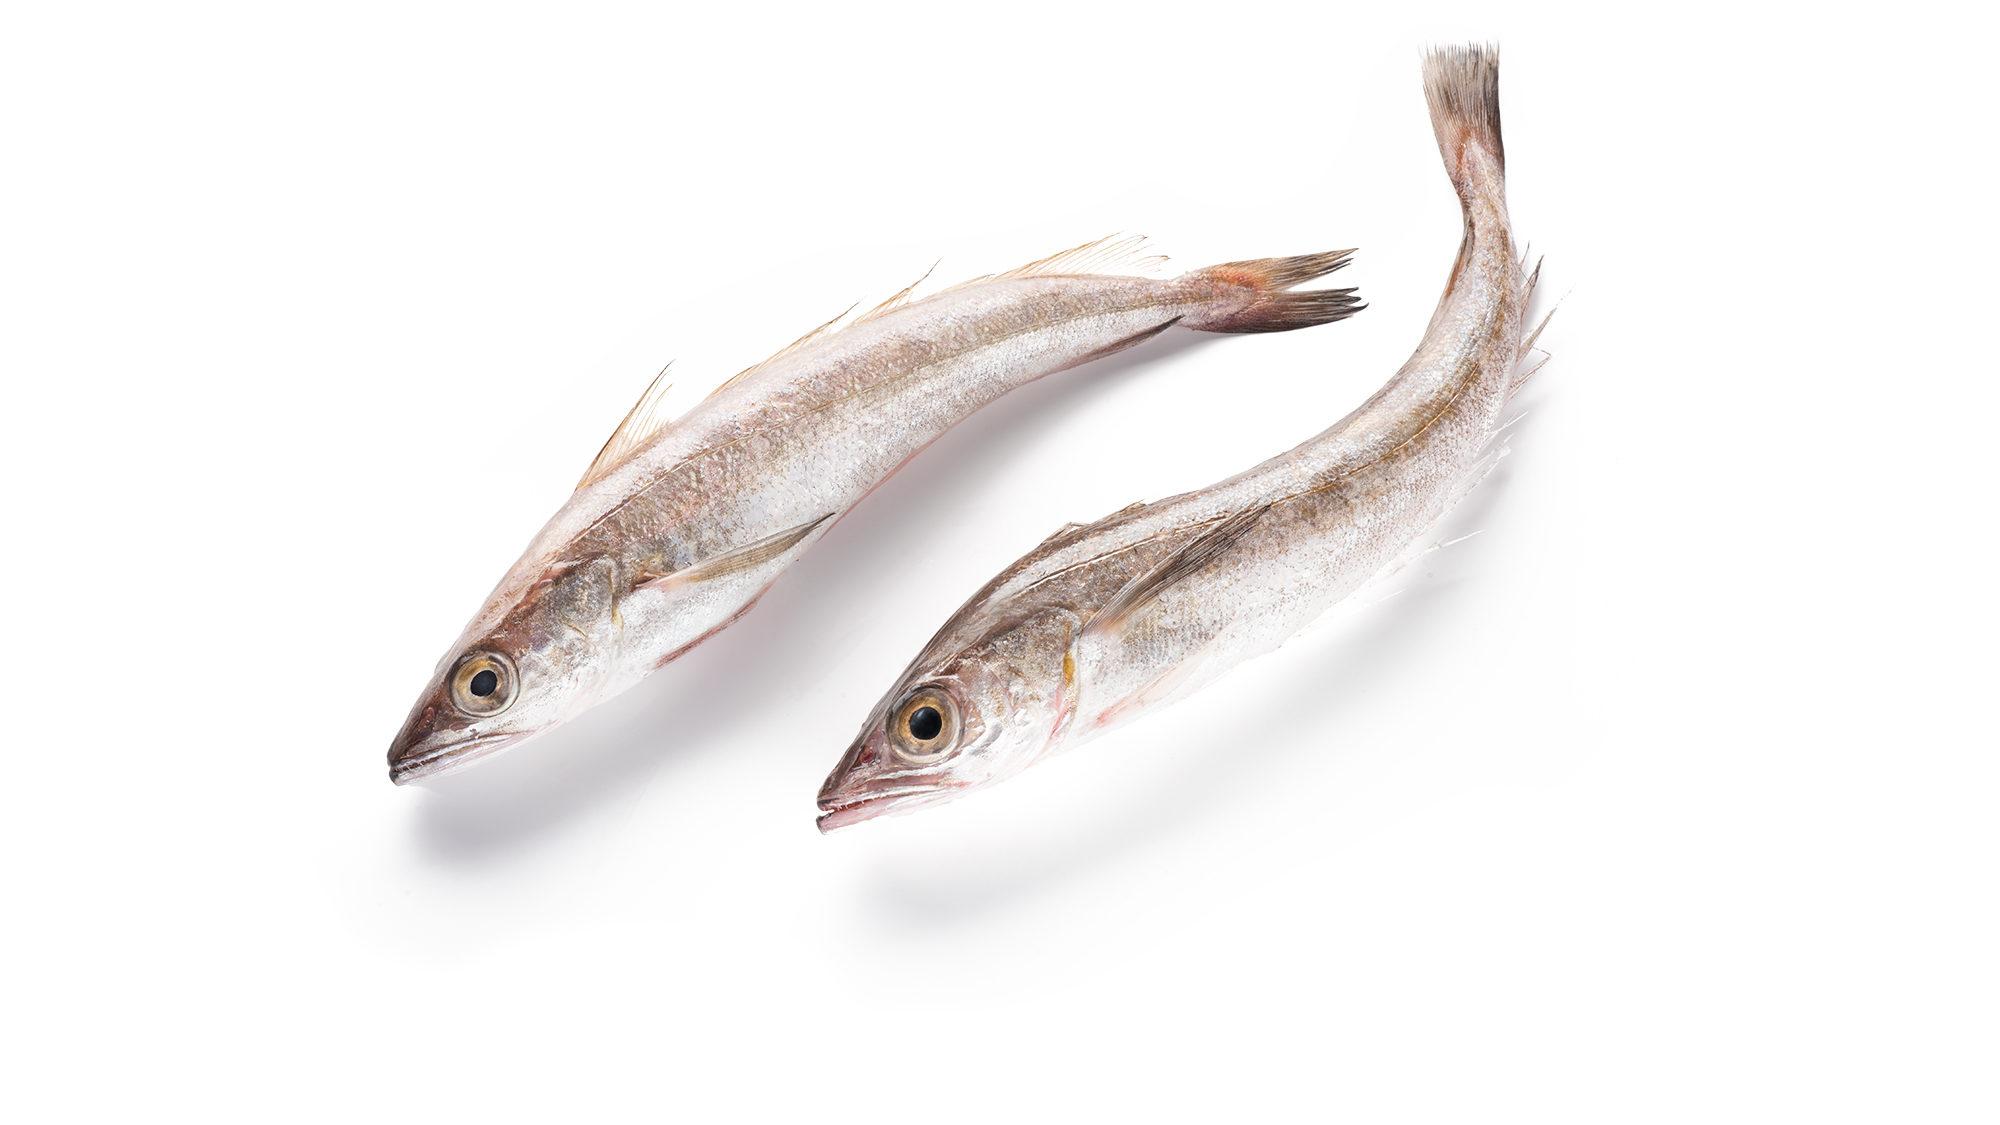 silver-hake-merluccius-bilinearis-product